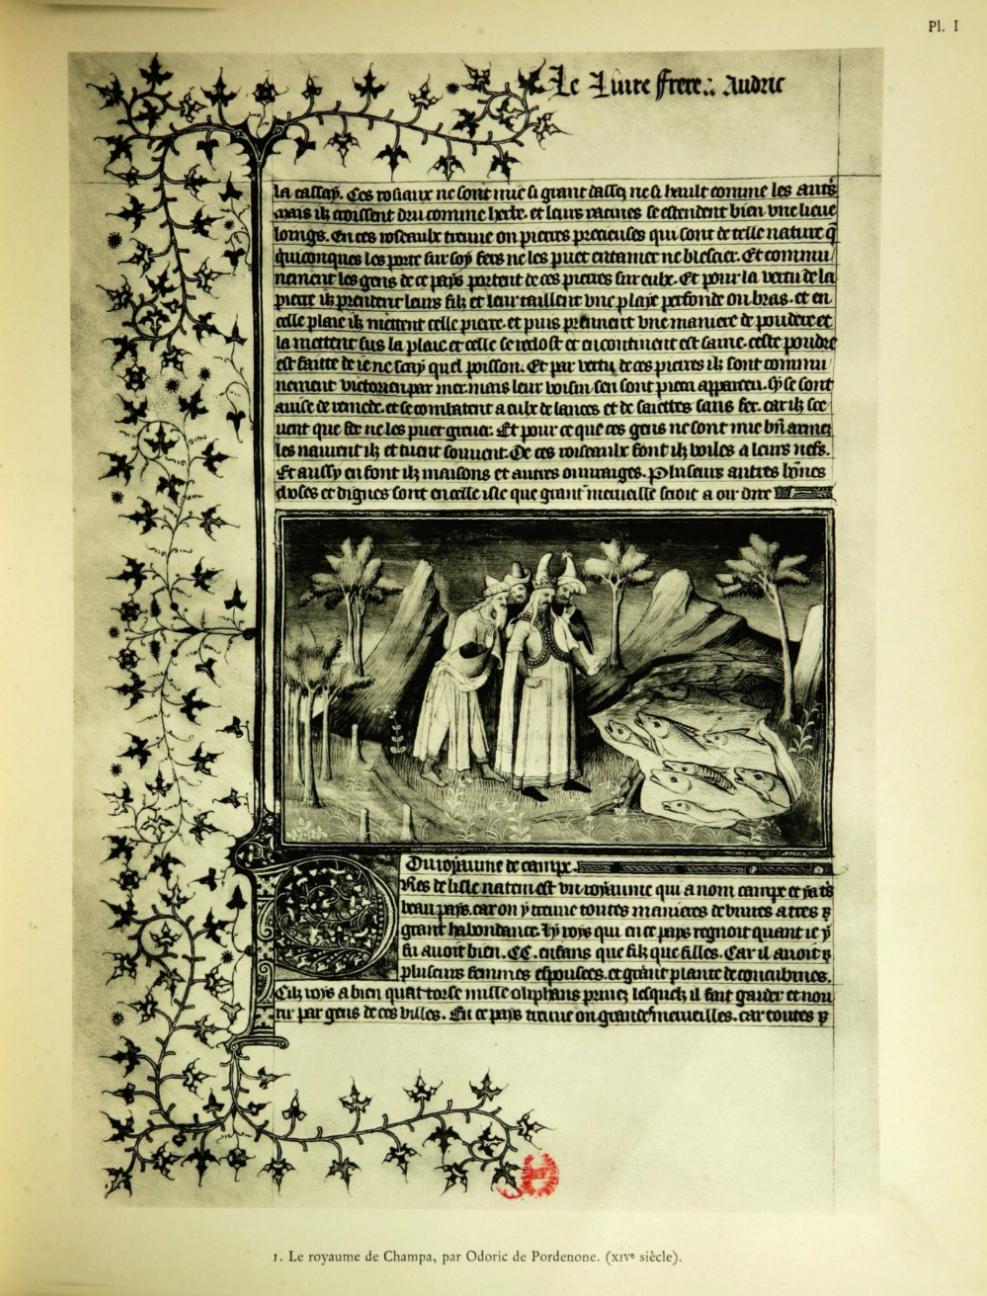 Ảnh minh họa thu nhỏ mô tả về vương quốc Champa của Odoric de Pordenone, cuối thế kỷ XIV.